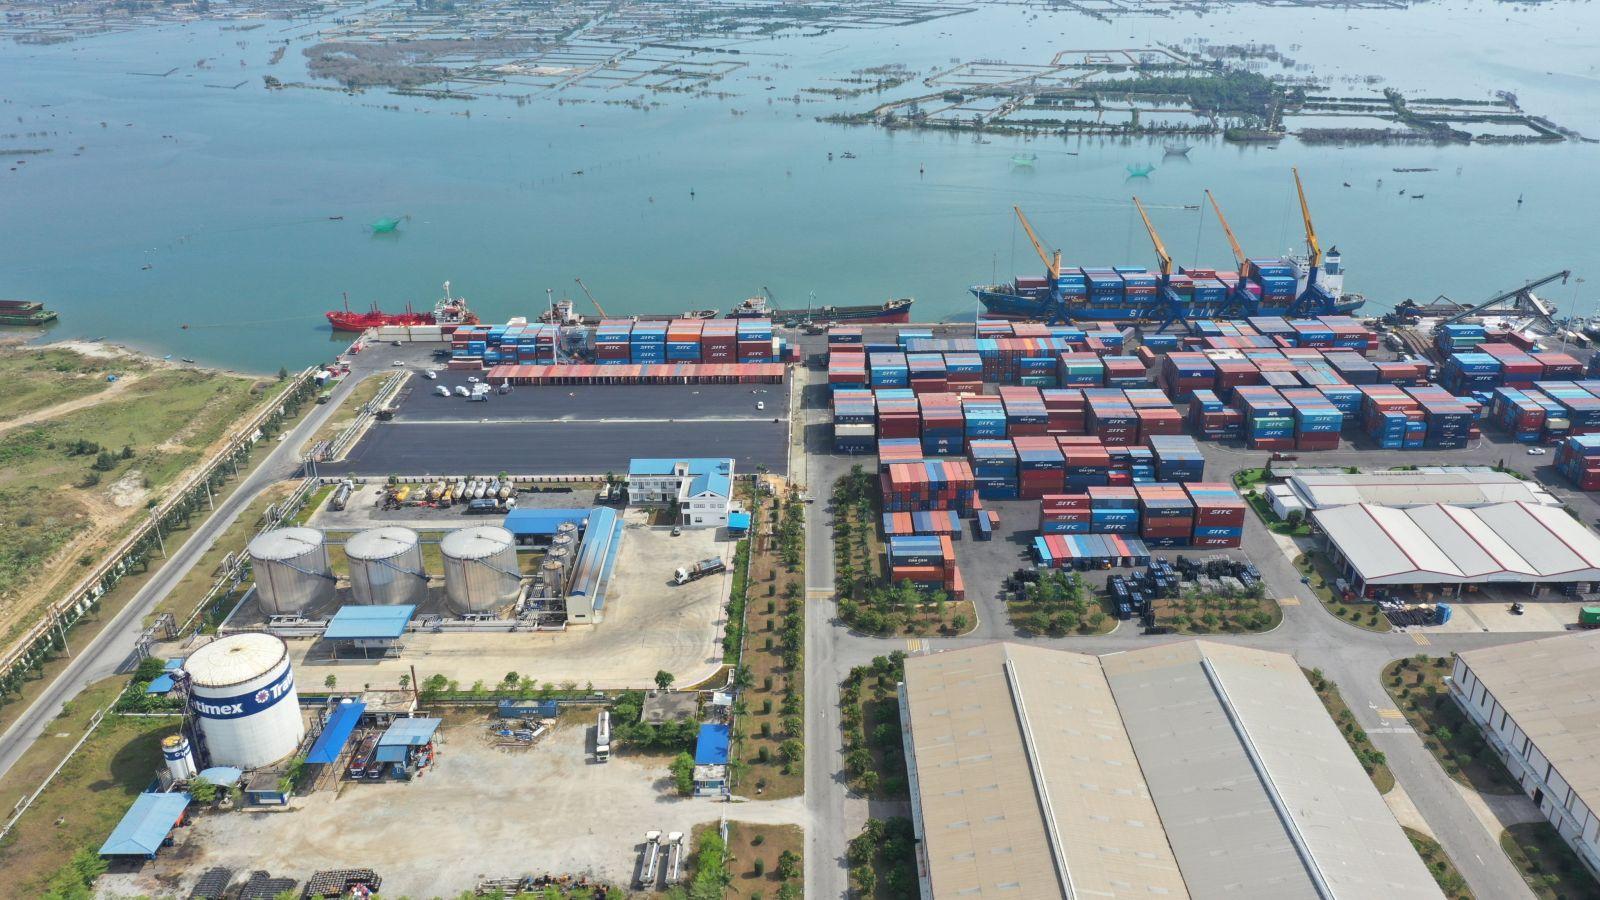 Bãi container thường và container lạnh, diện tích: 75.500 m2